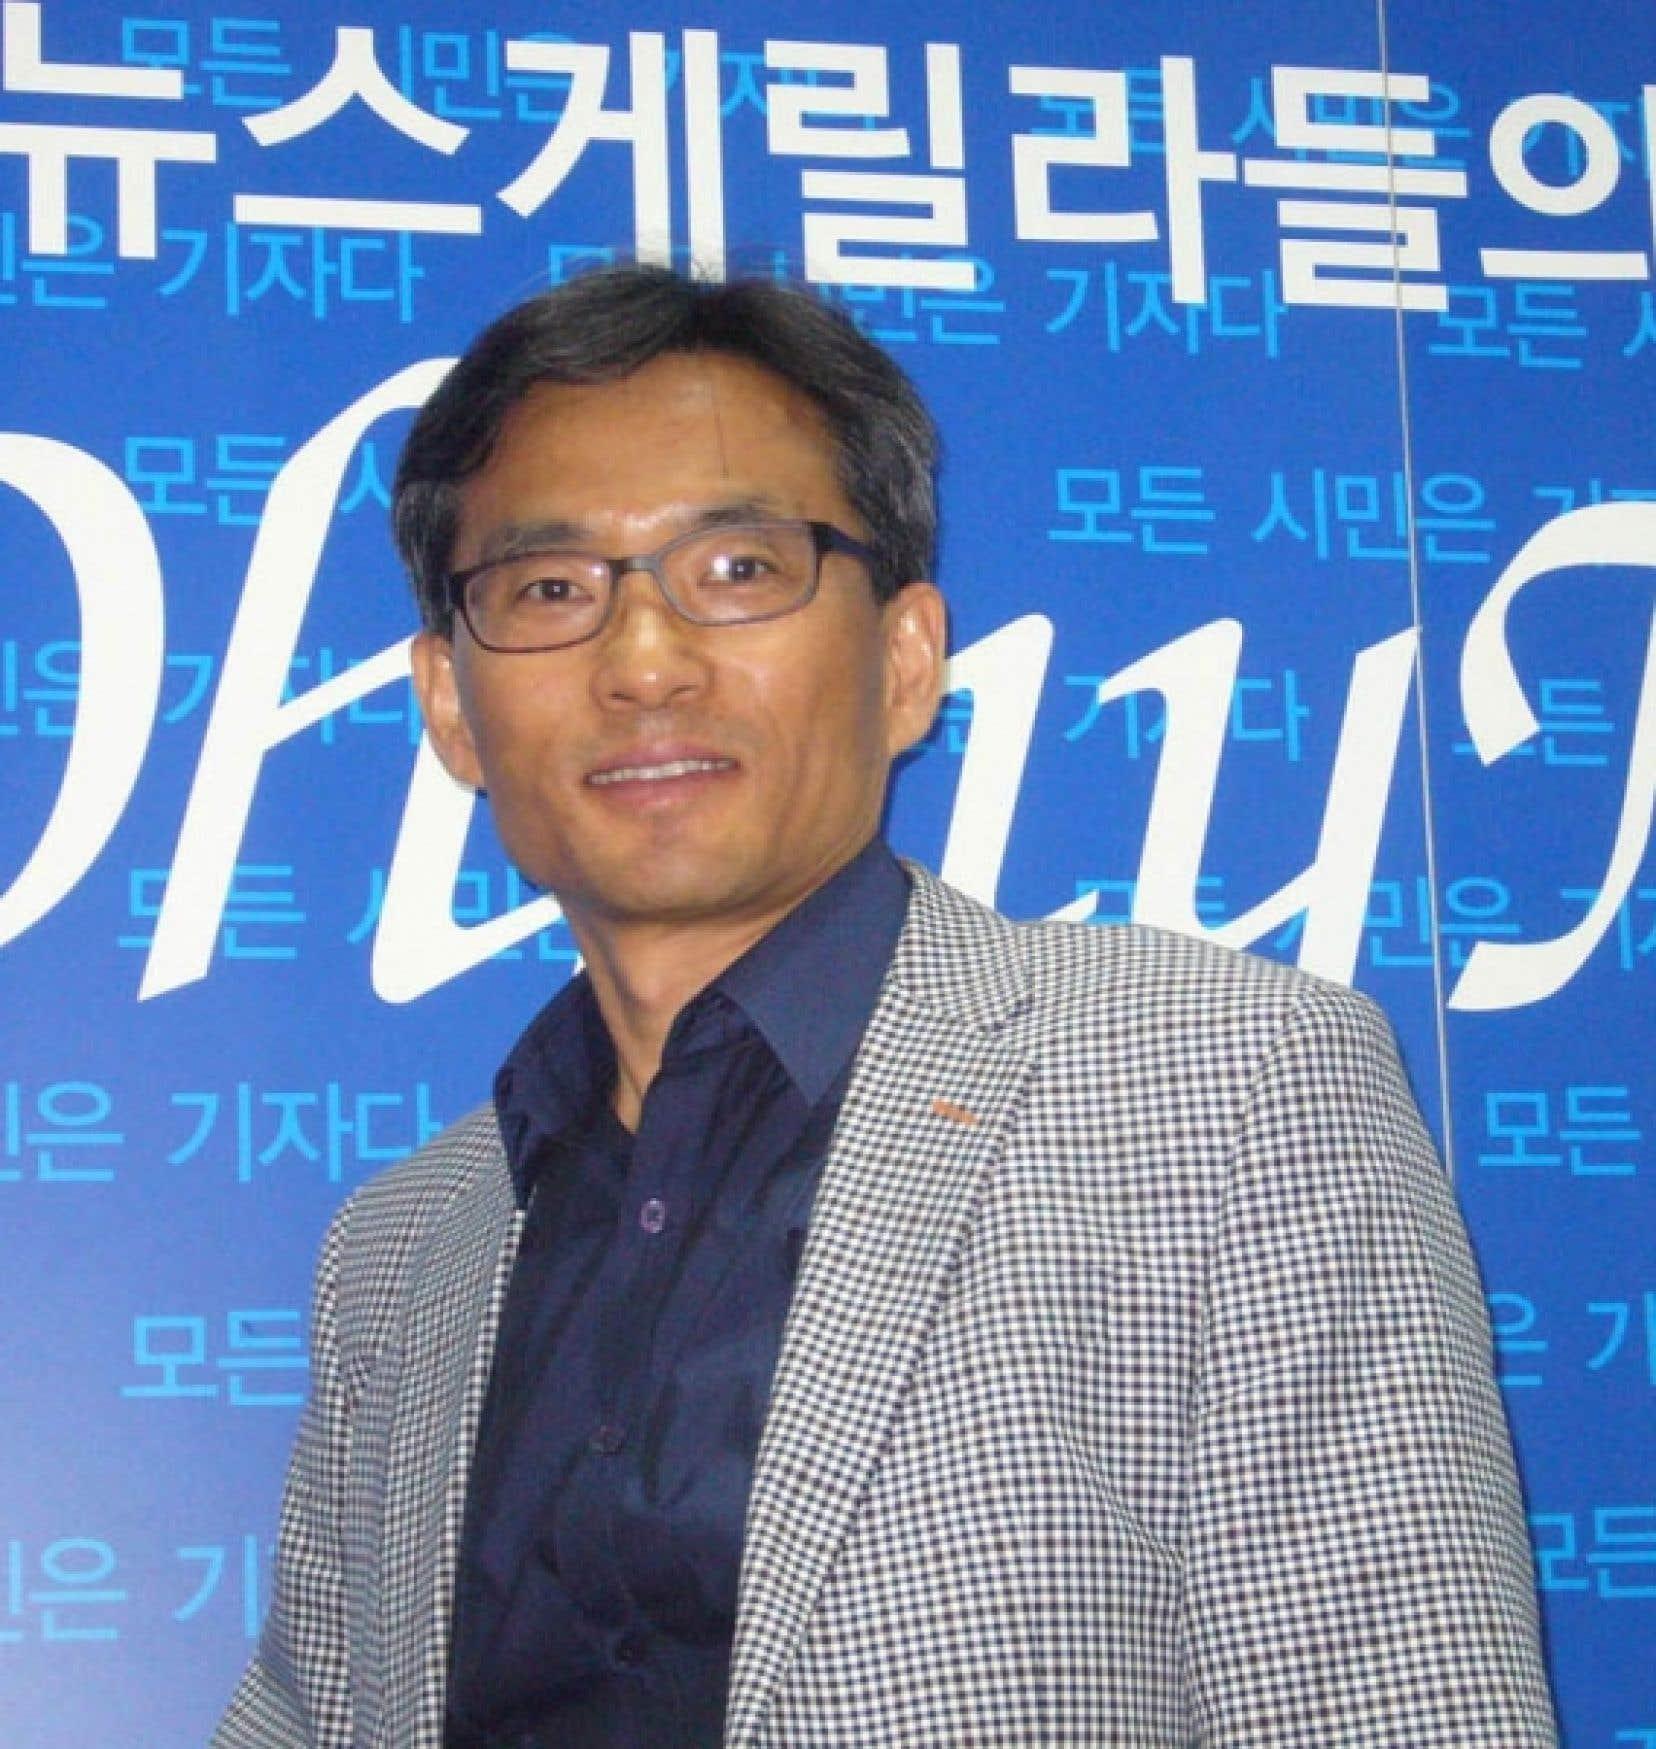 Oh Yeon Ho, cr&eacute;ateur du plus grand portail d&rsquo;information sud-cor&eacute;en: deux millions et demi de pages consult&eacute;es par jour.<br />